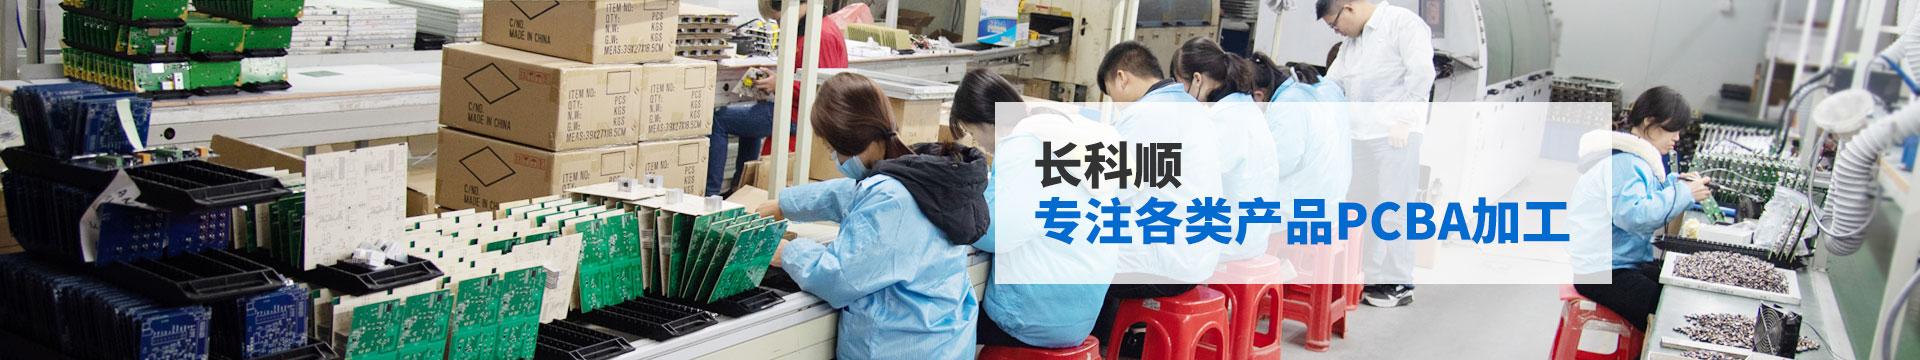 长科顺-专注各类产品PCBA加工